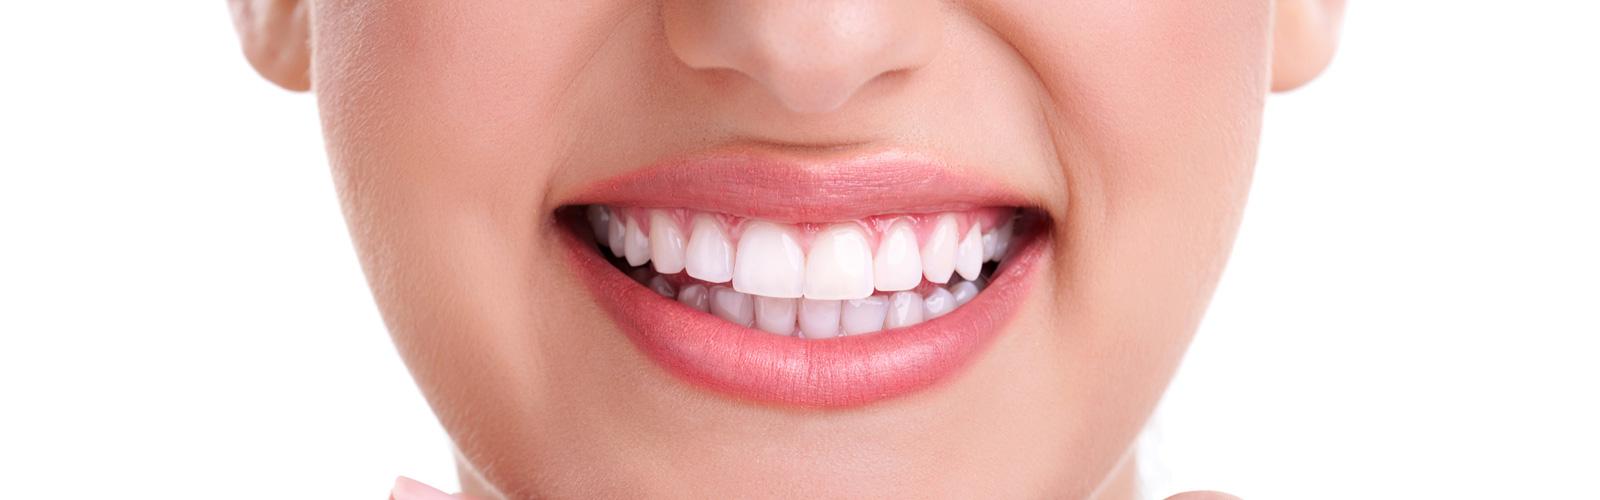 Non-Surgical Gum Treatment